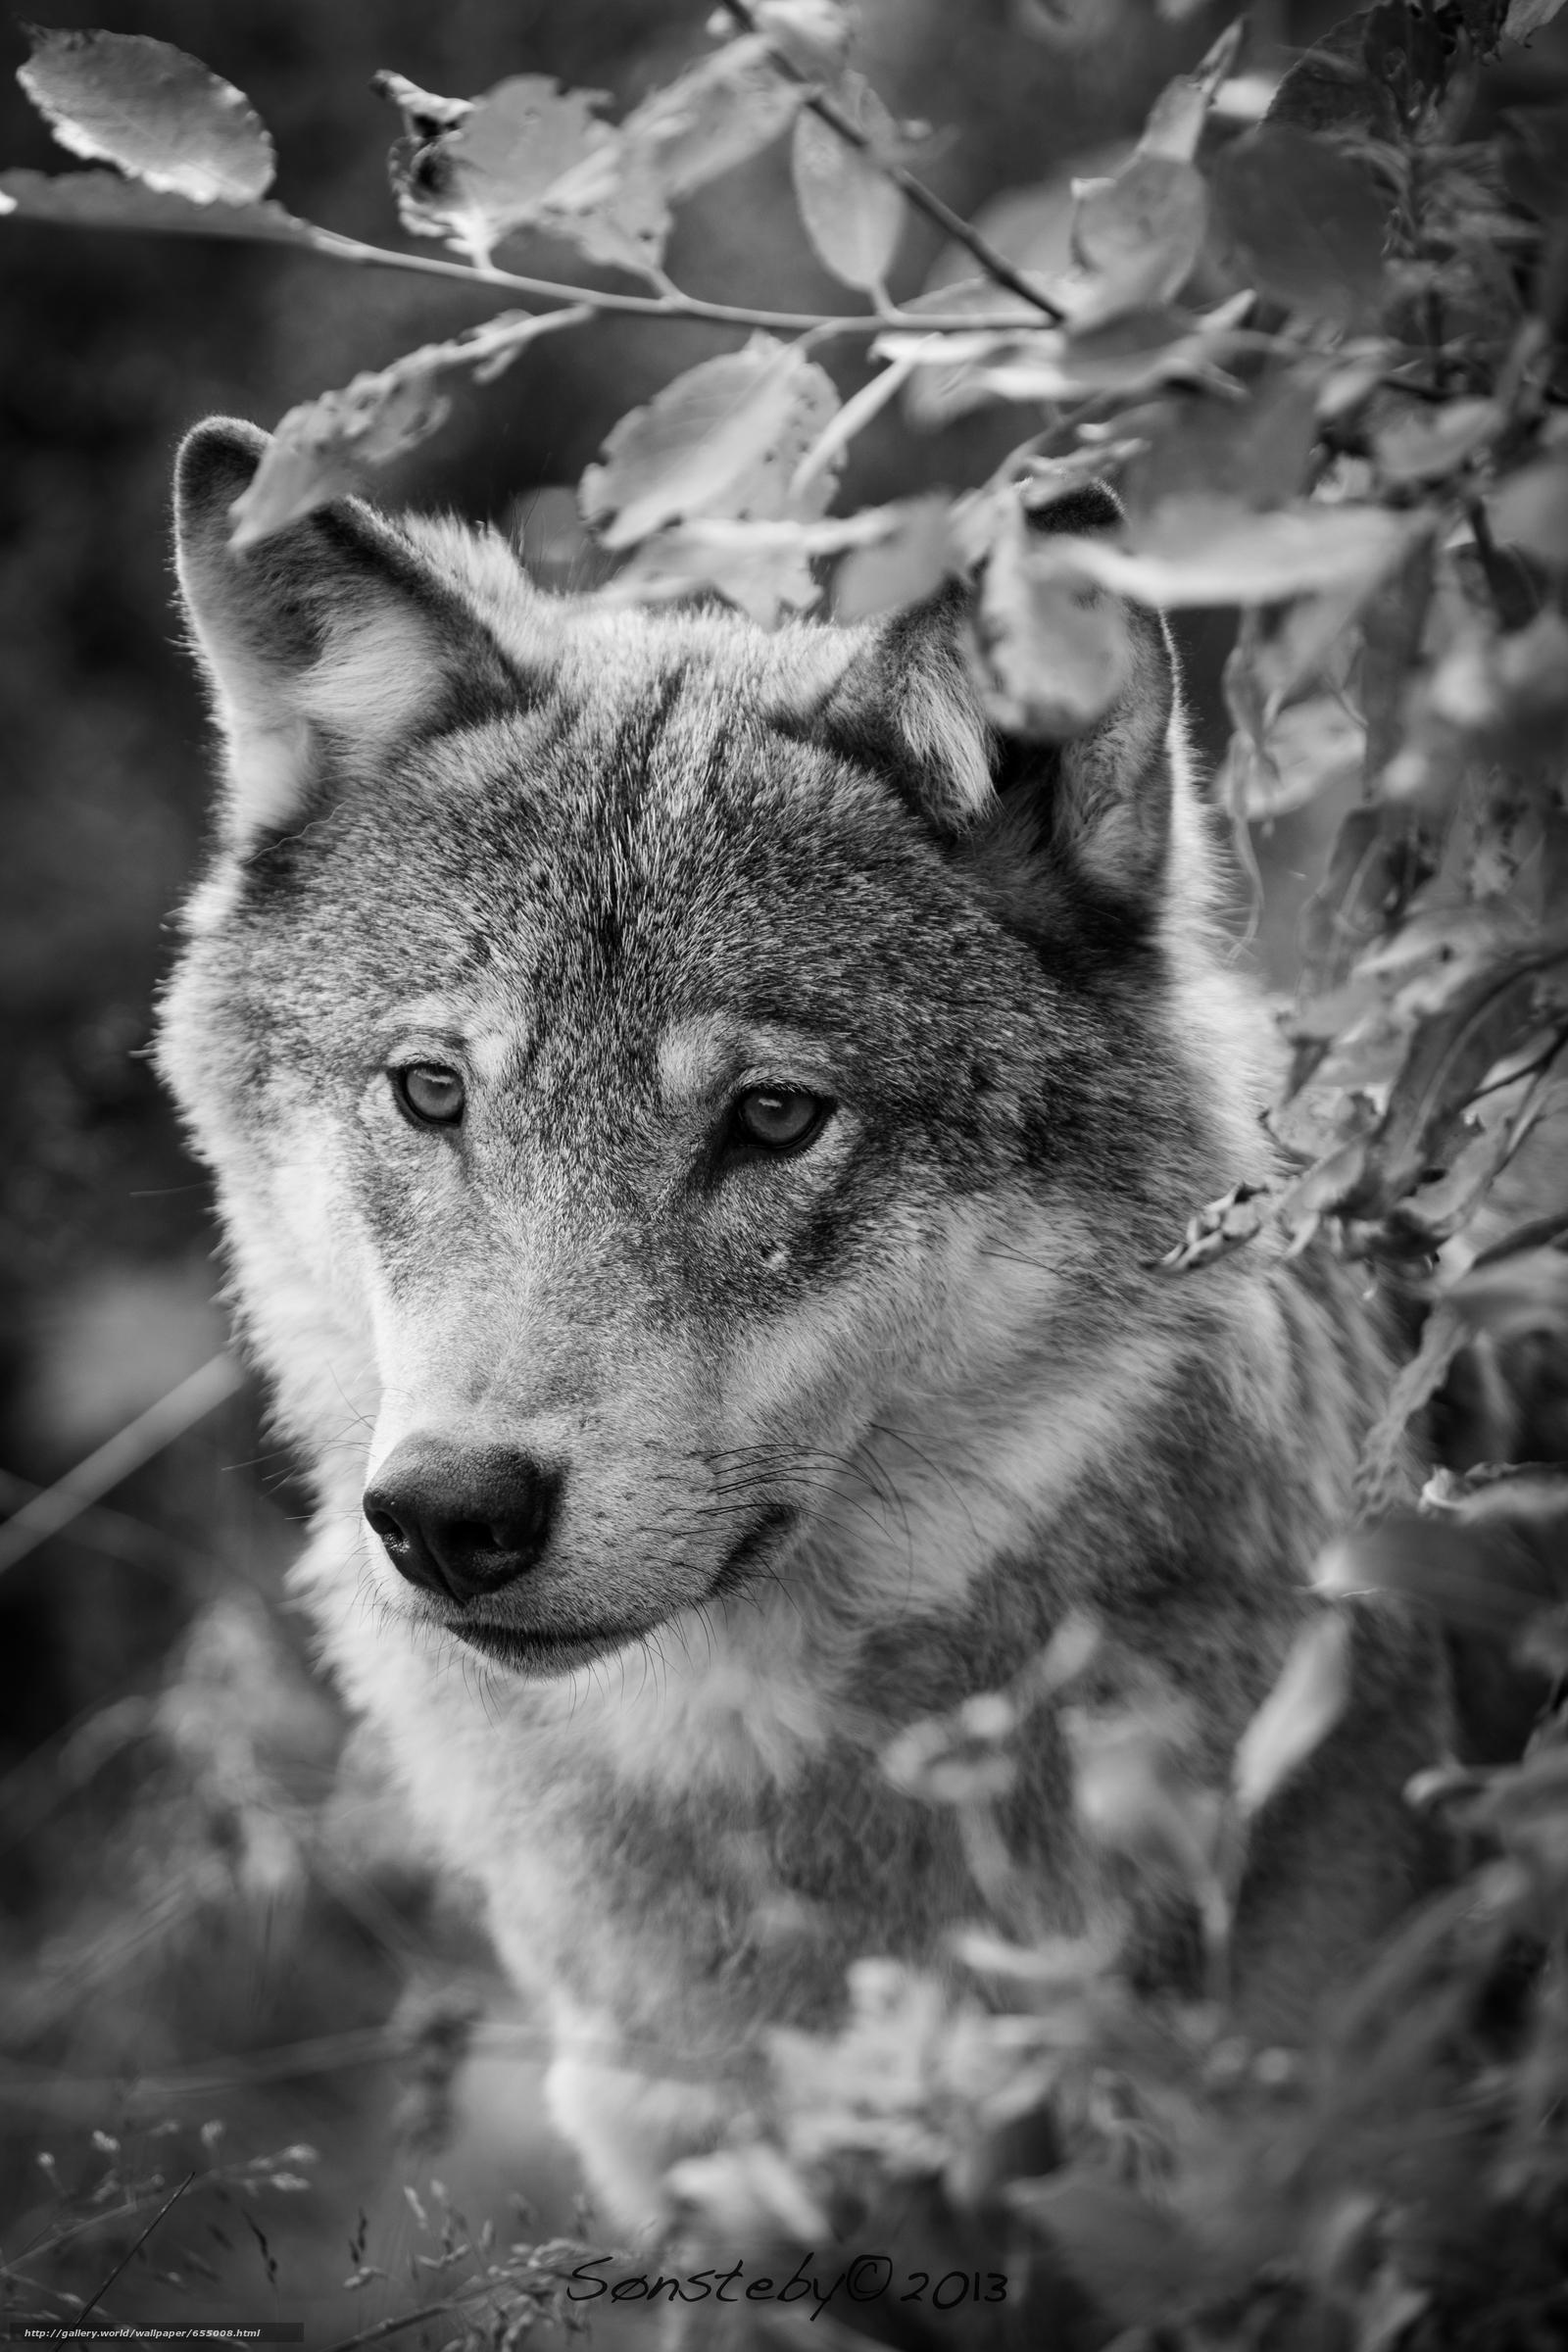 Tlcharger Fond d'ecran loup,  Wolves,  animaux,  portrait Fonds d'ecran gratuits pour votre rsolution du bureau 3840x5760 — image №655008